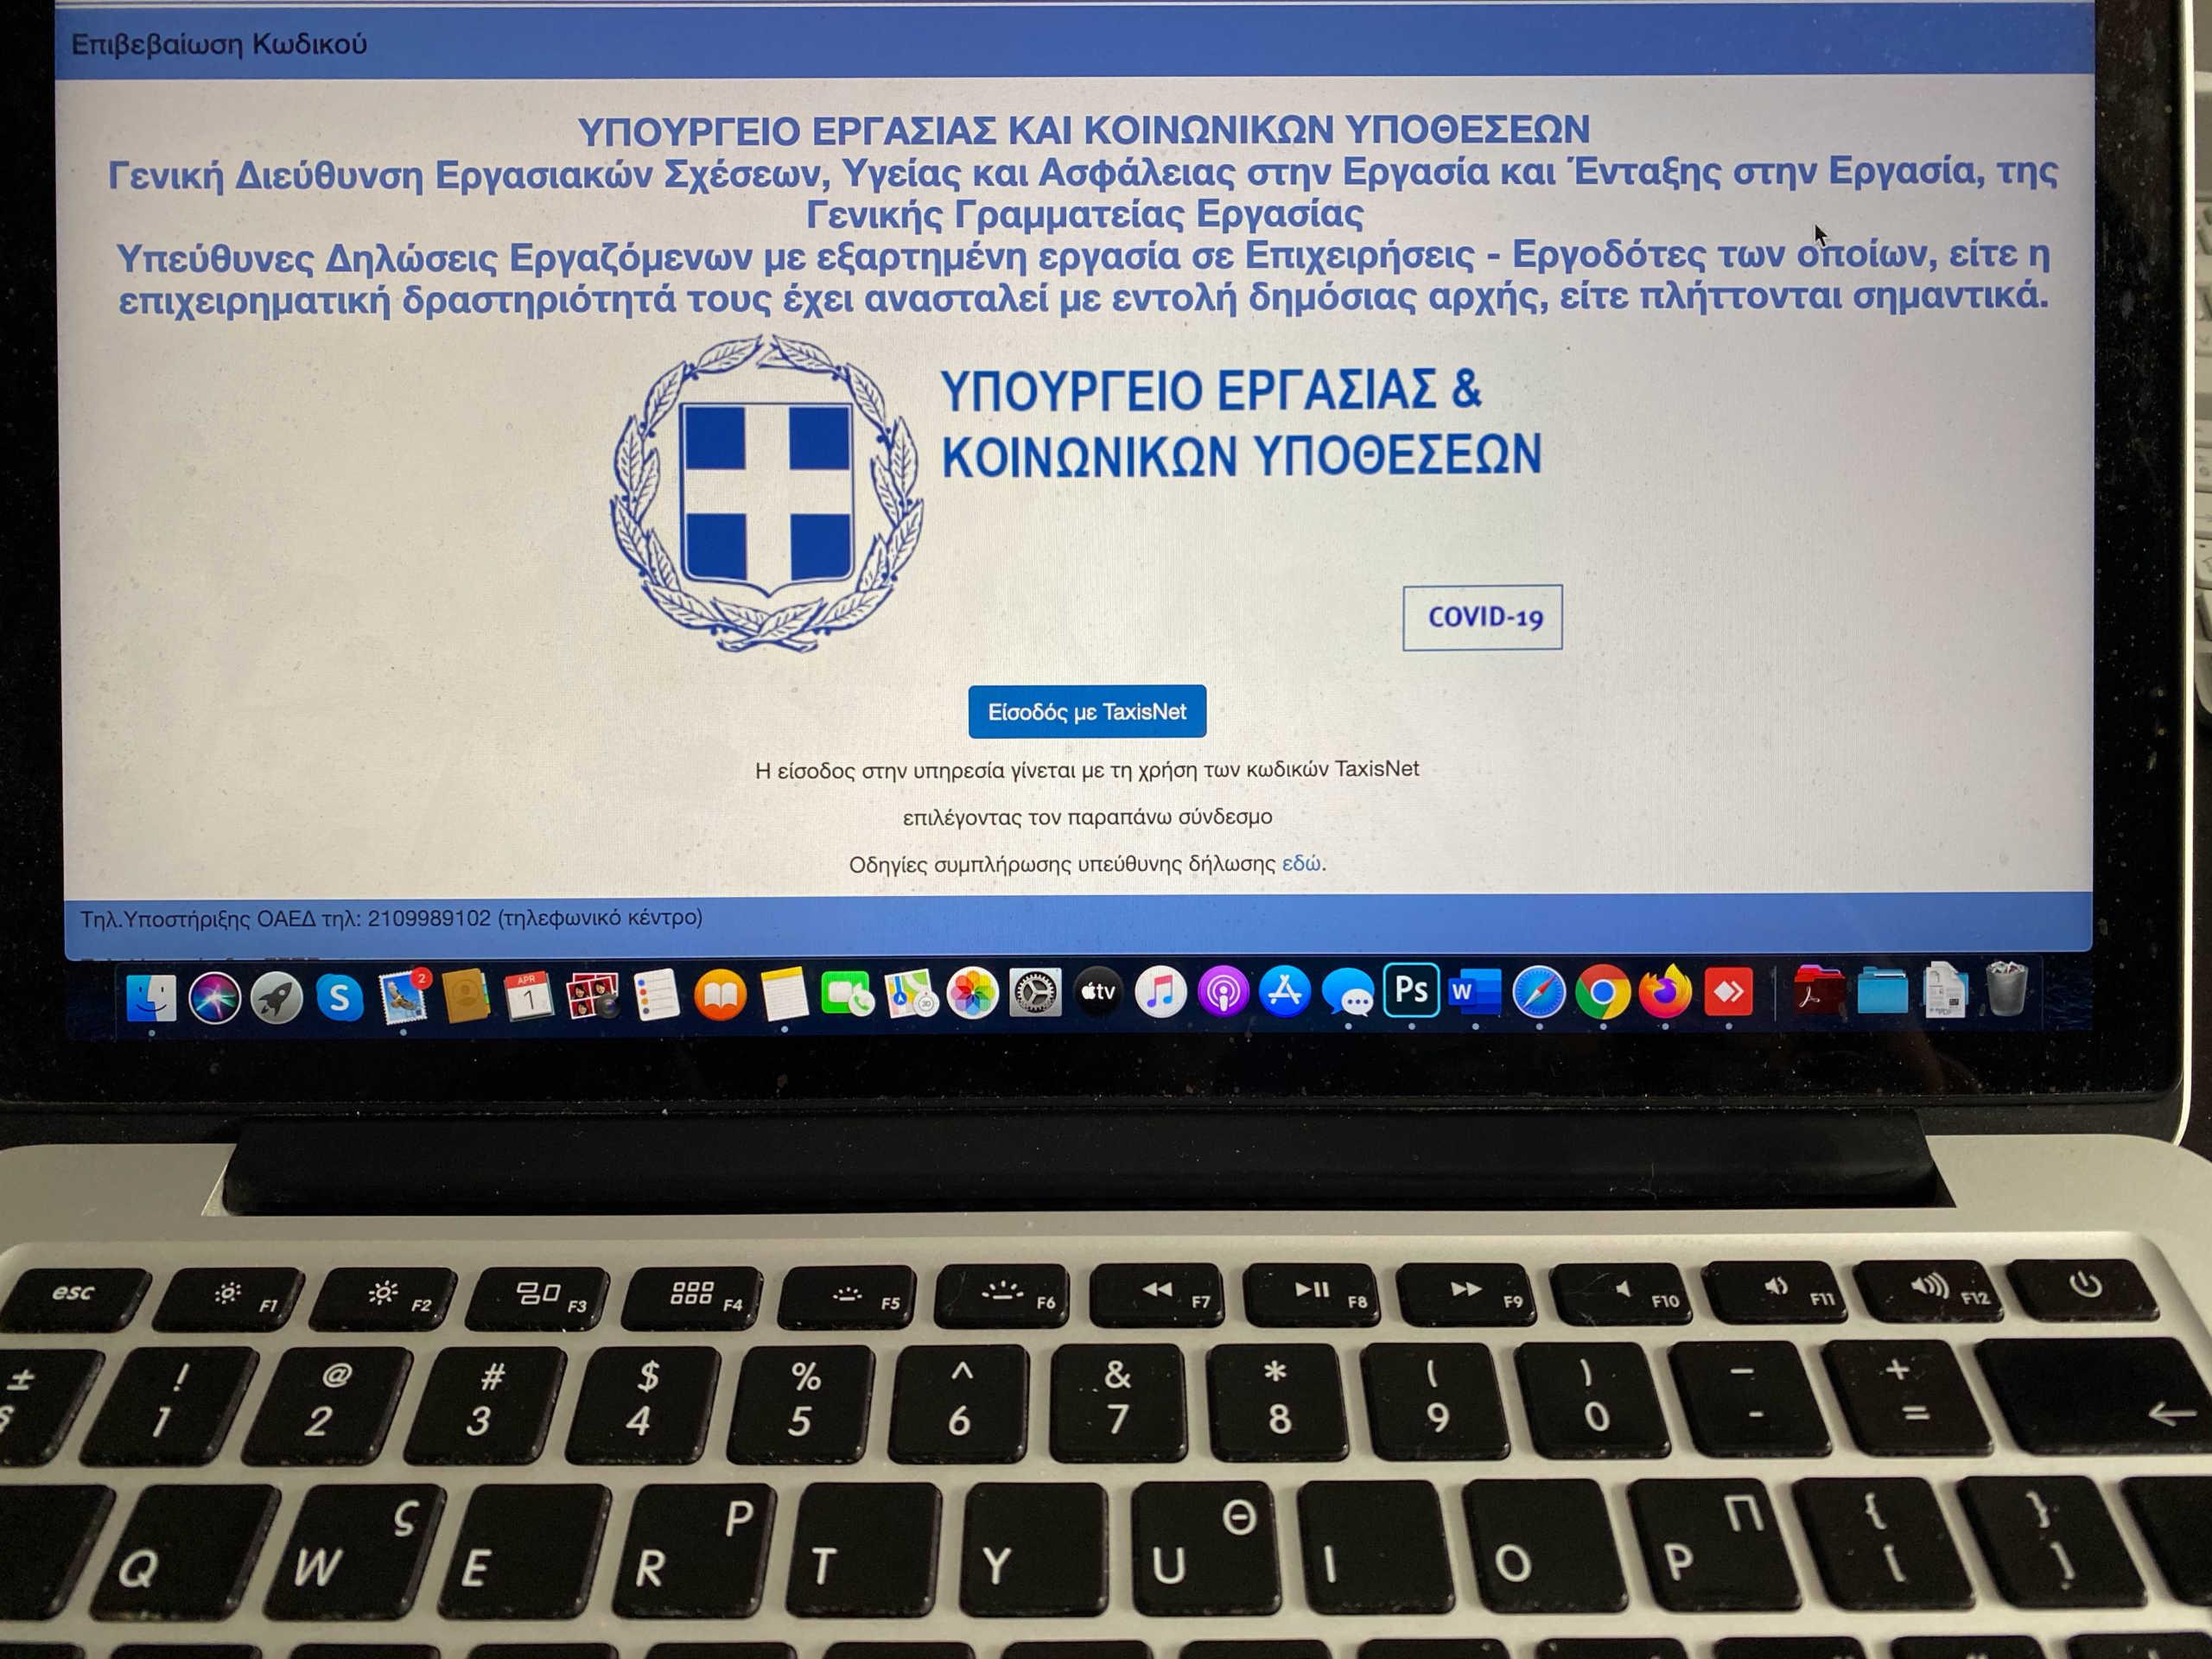 Πότε θα ανοίξει η πλατφόρμα για το επίδομα των 800 ευρώ στους επαγγελματίες